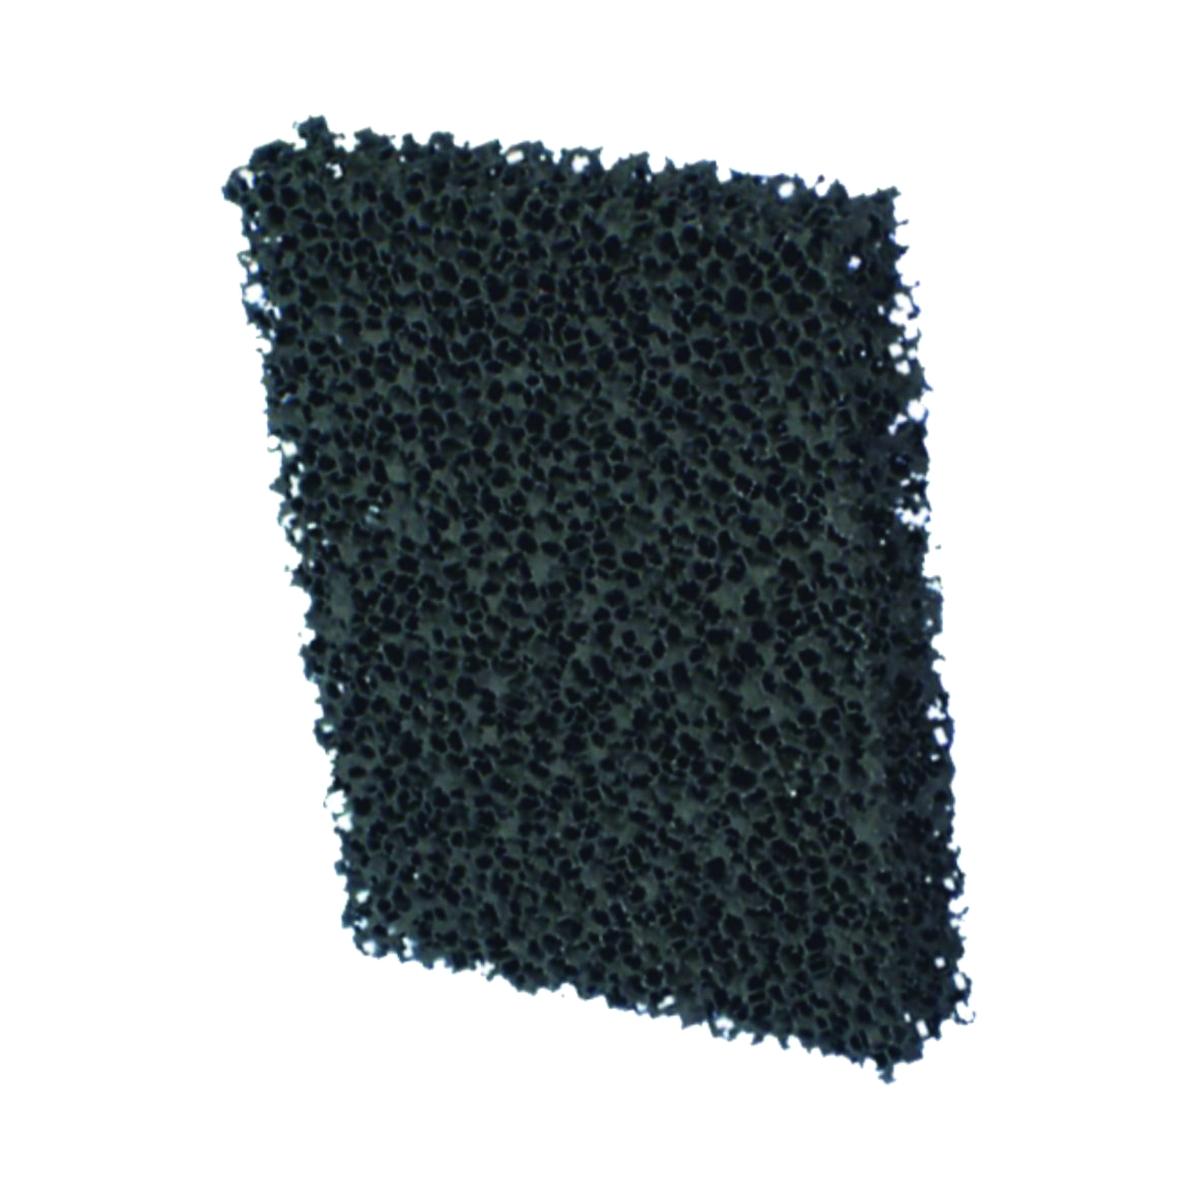 SOG Ersatz-Kohlefilter